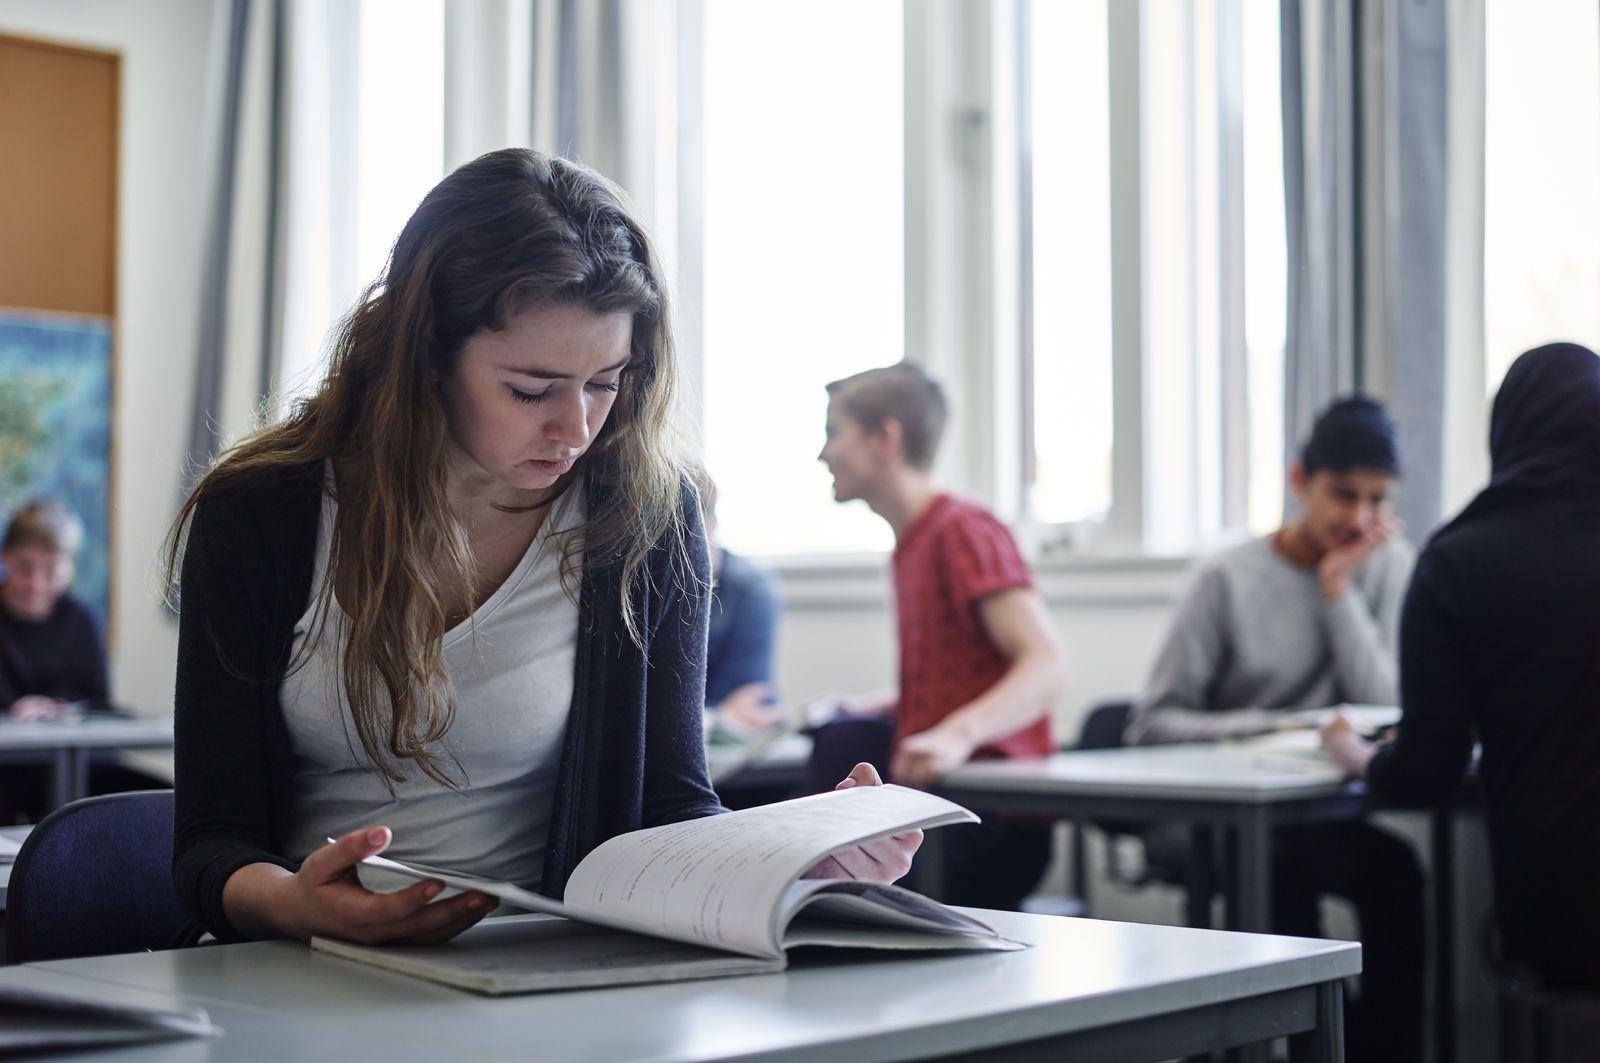 En elev sitter konsentrert ved pulten sin og leser. Foto: Øivind Haug